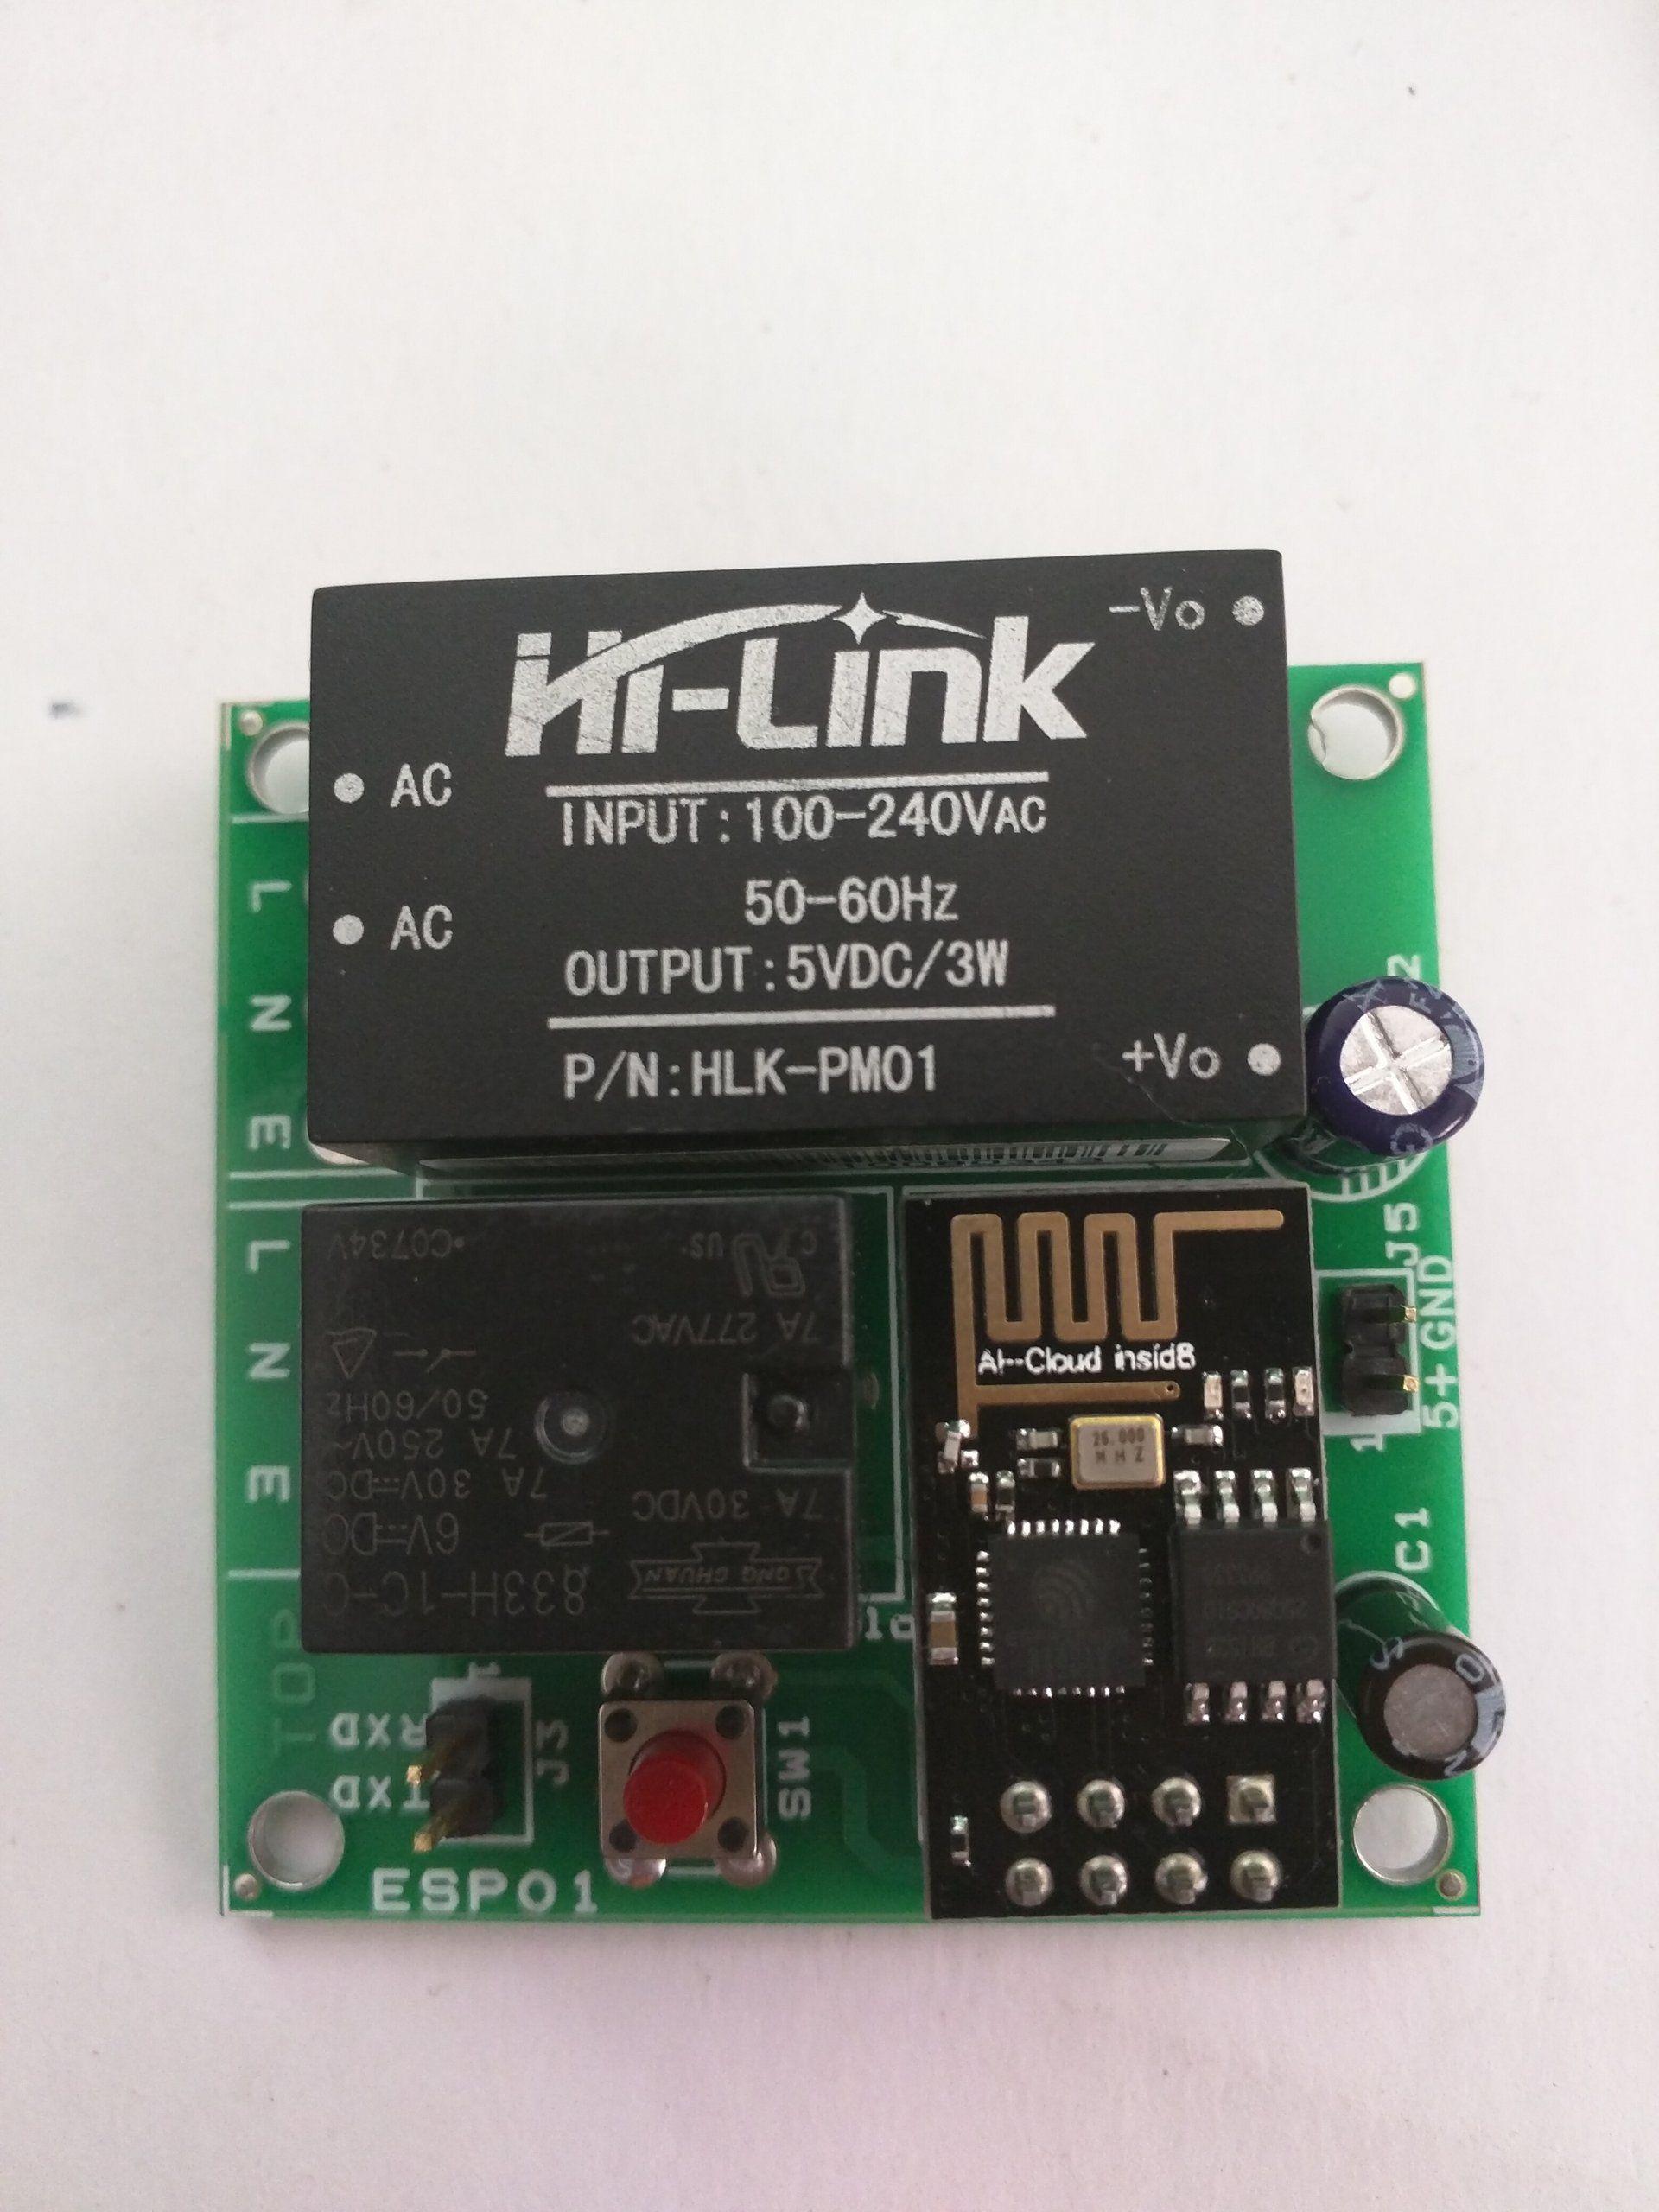 Esp8266-01 wifi relay module in 2019 | Esp8266 | Arduino, Wifi